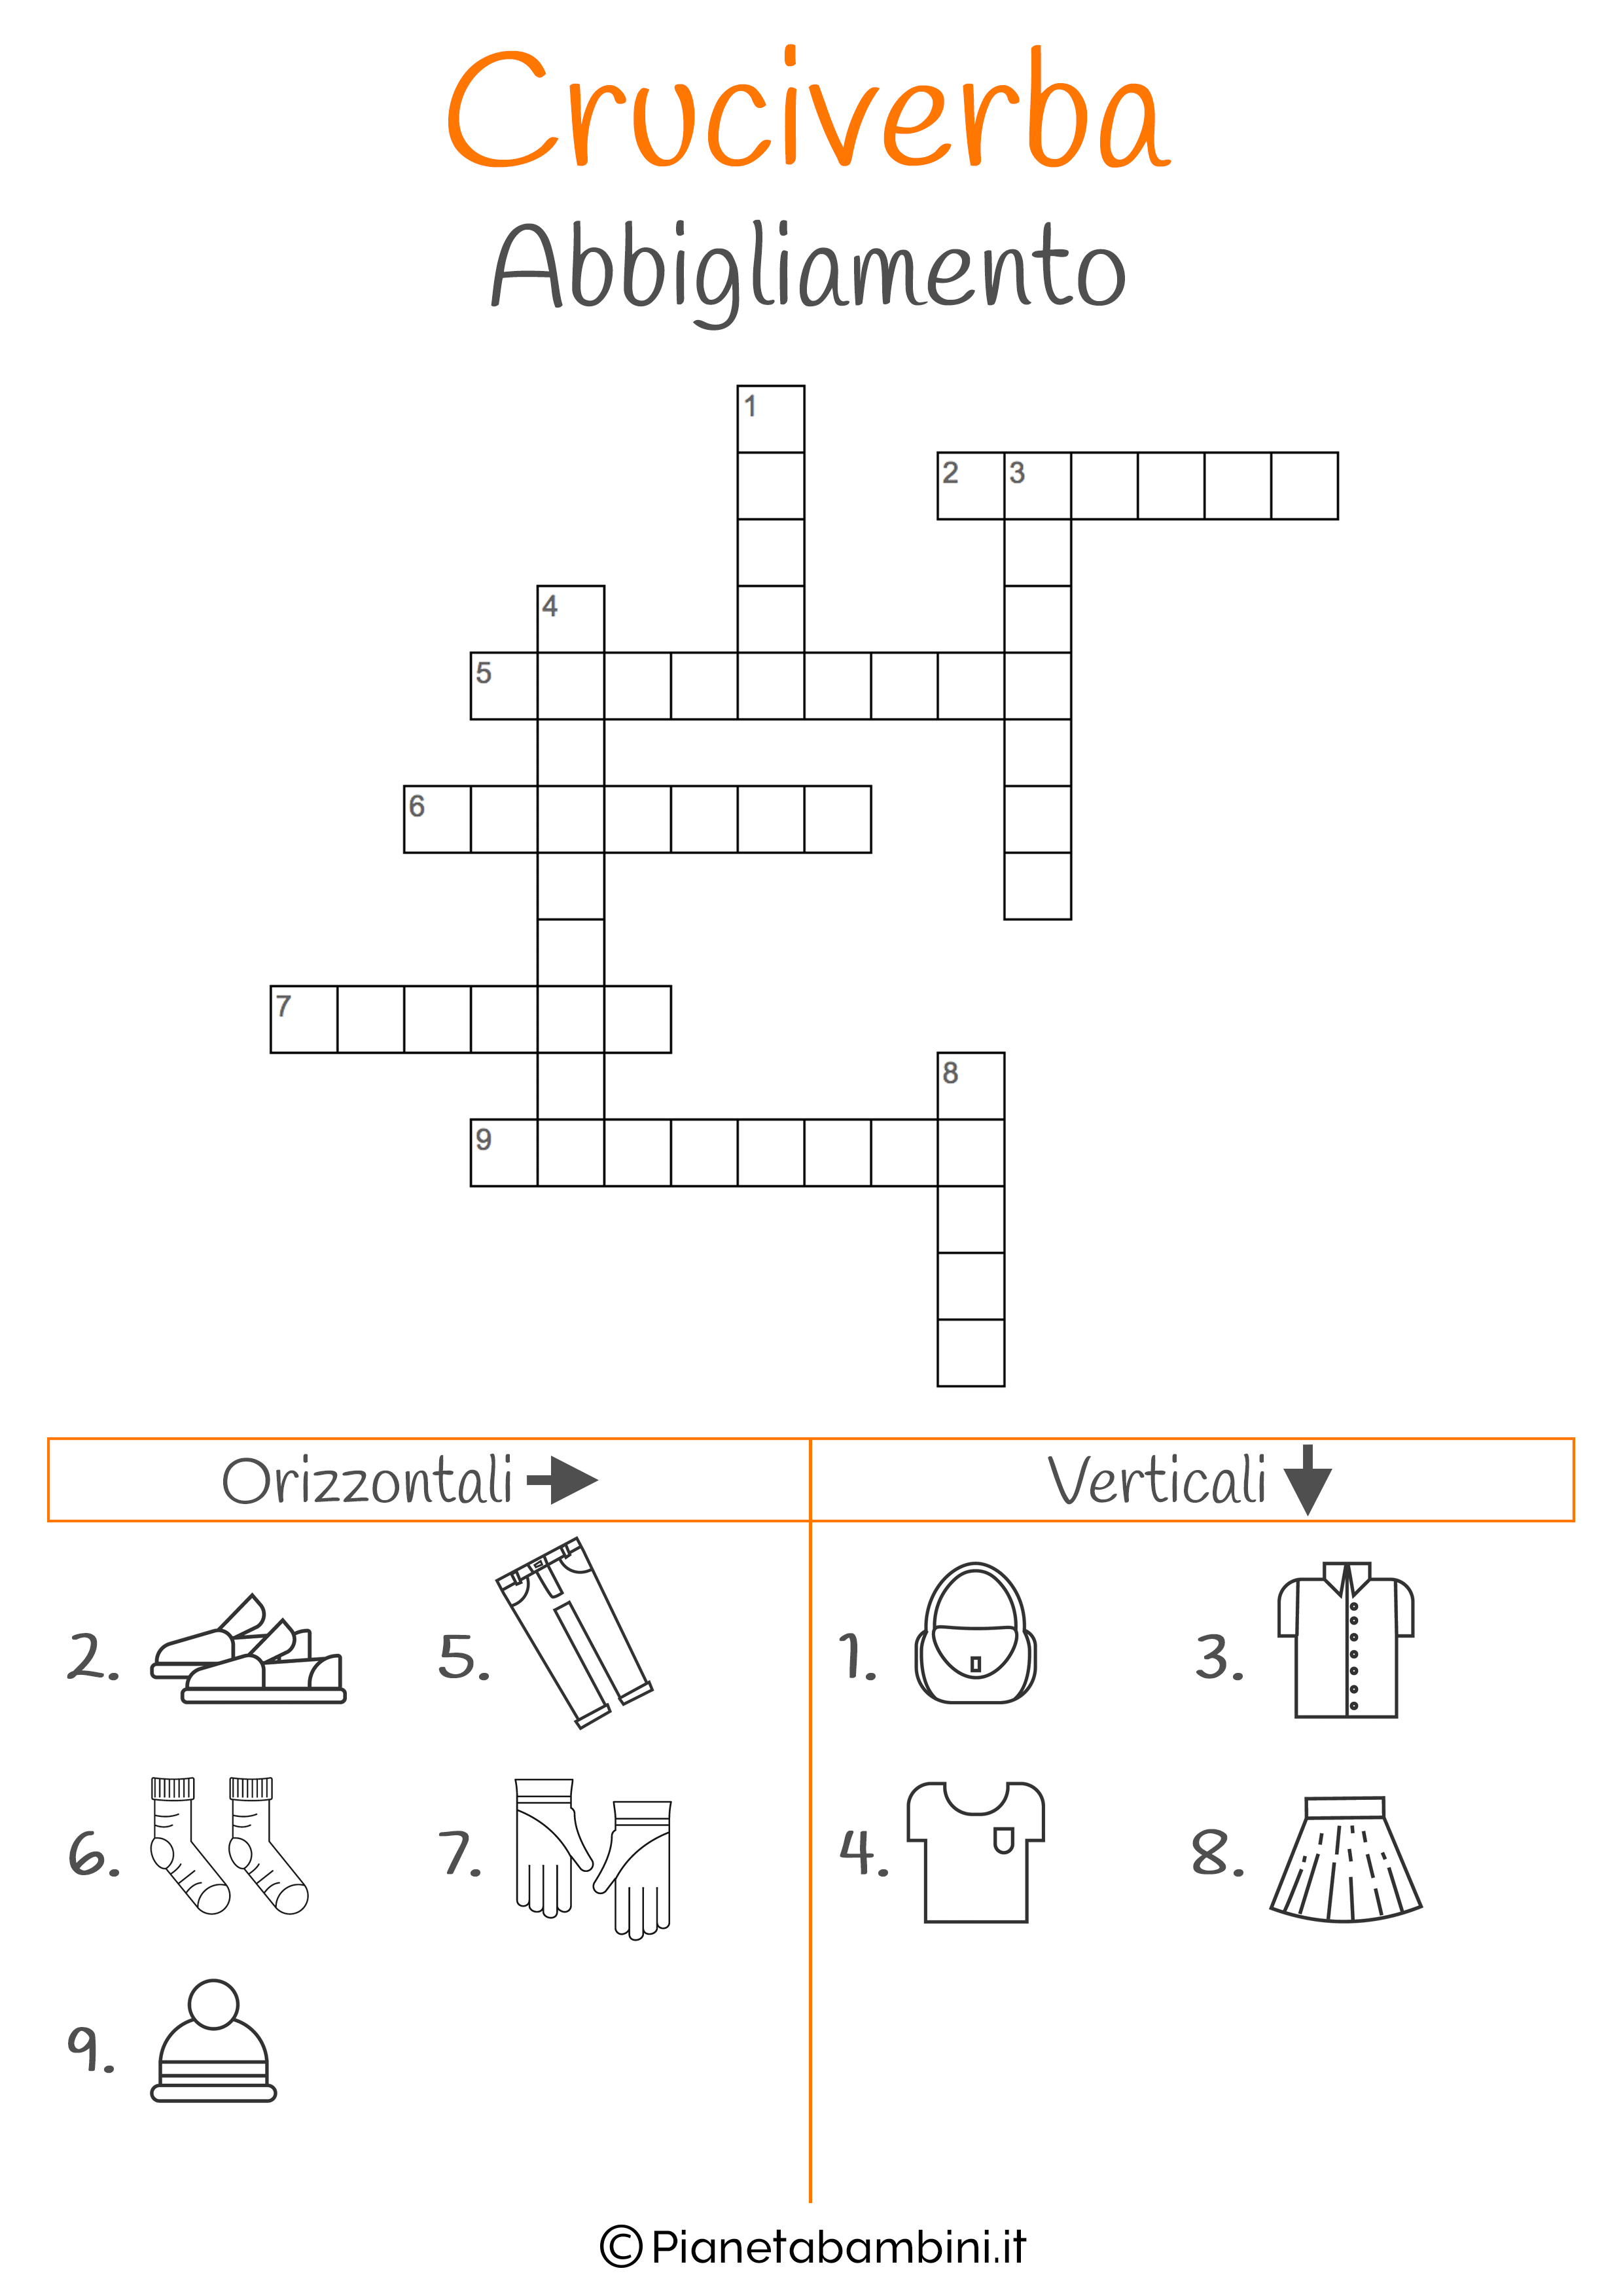 Cruciverba illustrato sull'abbigliamento